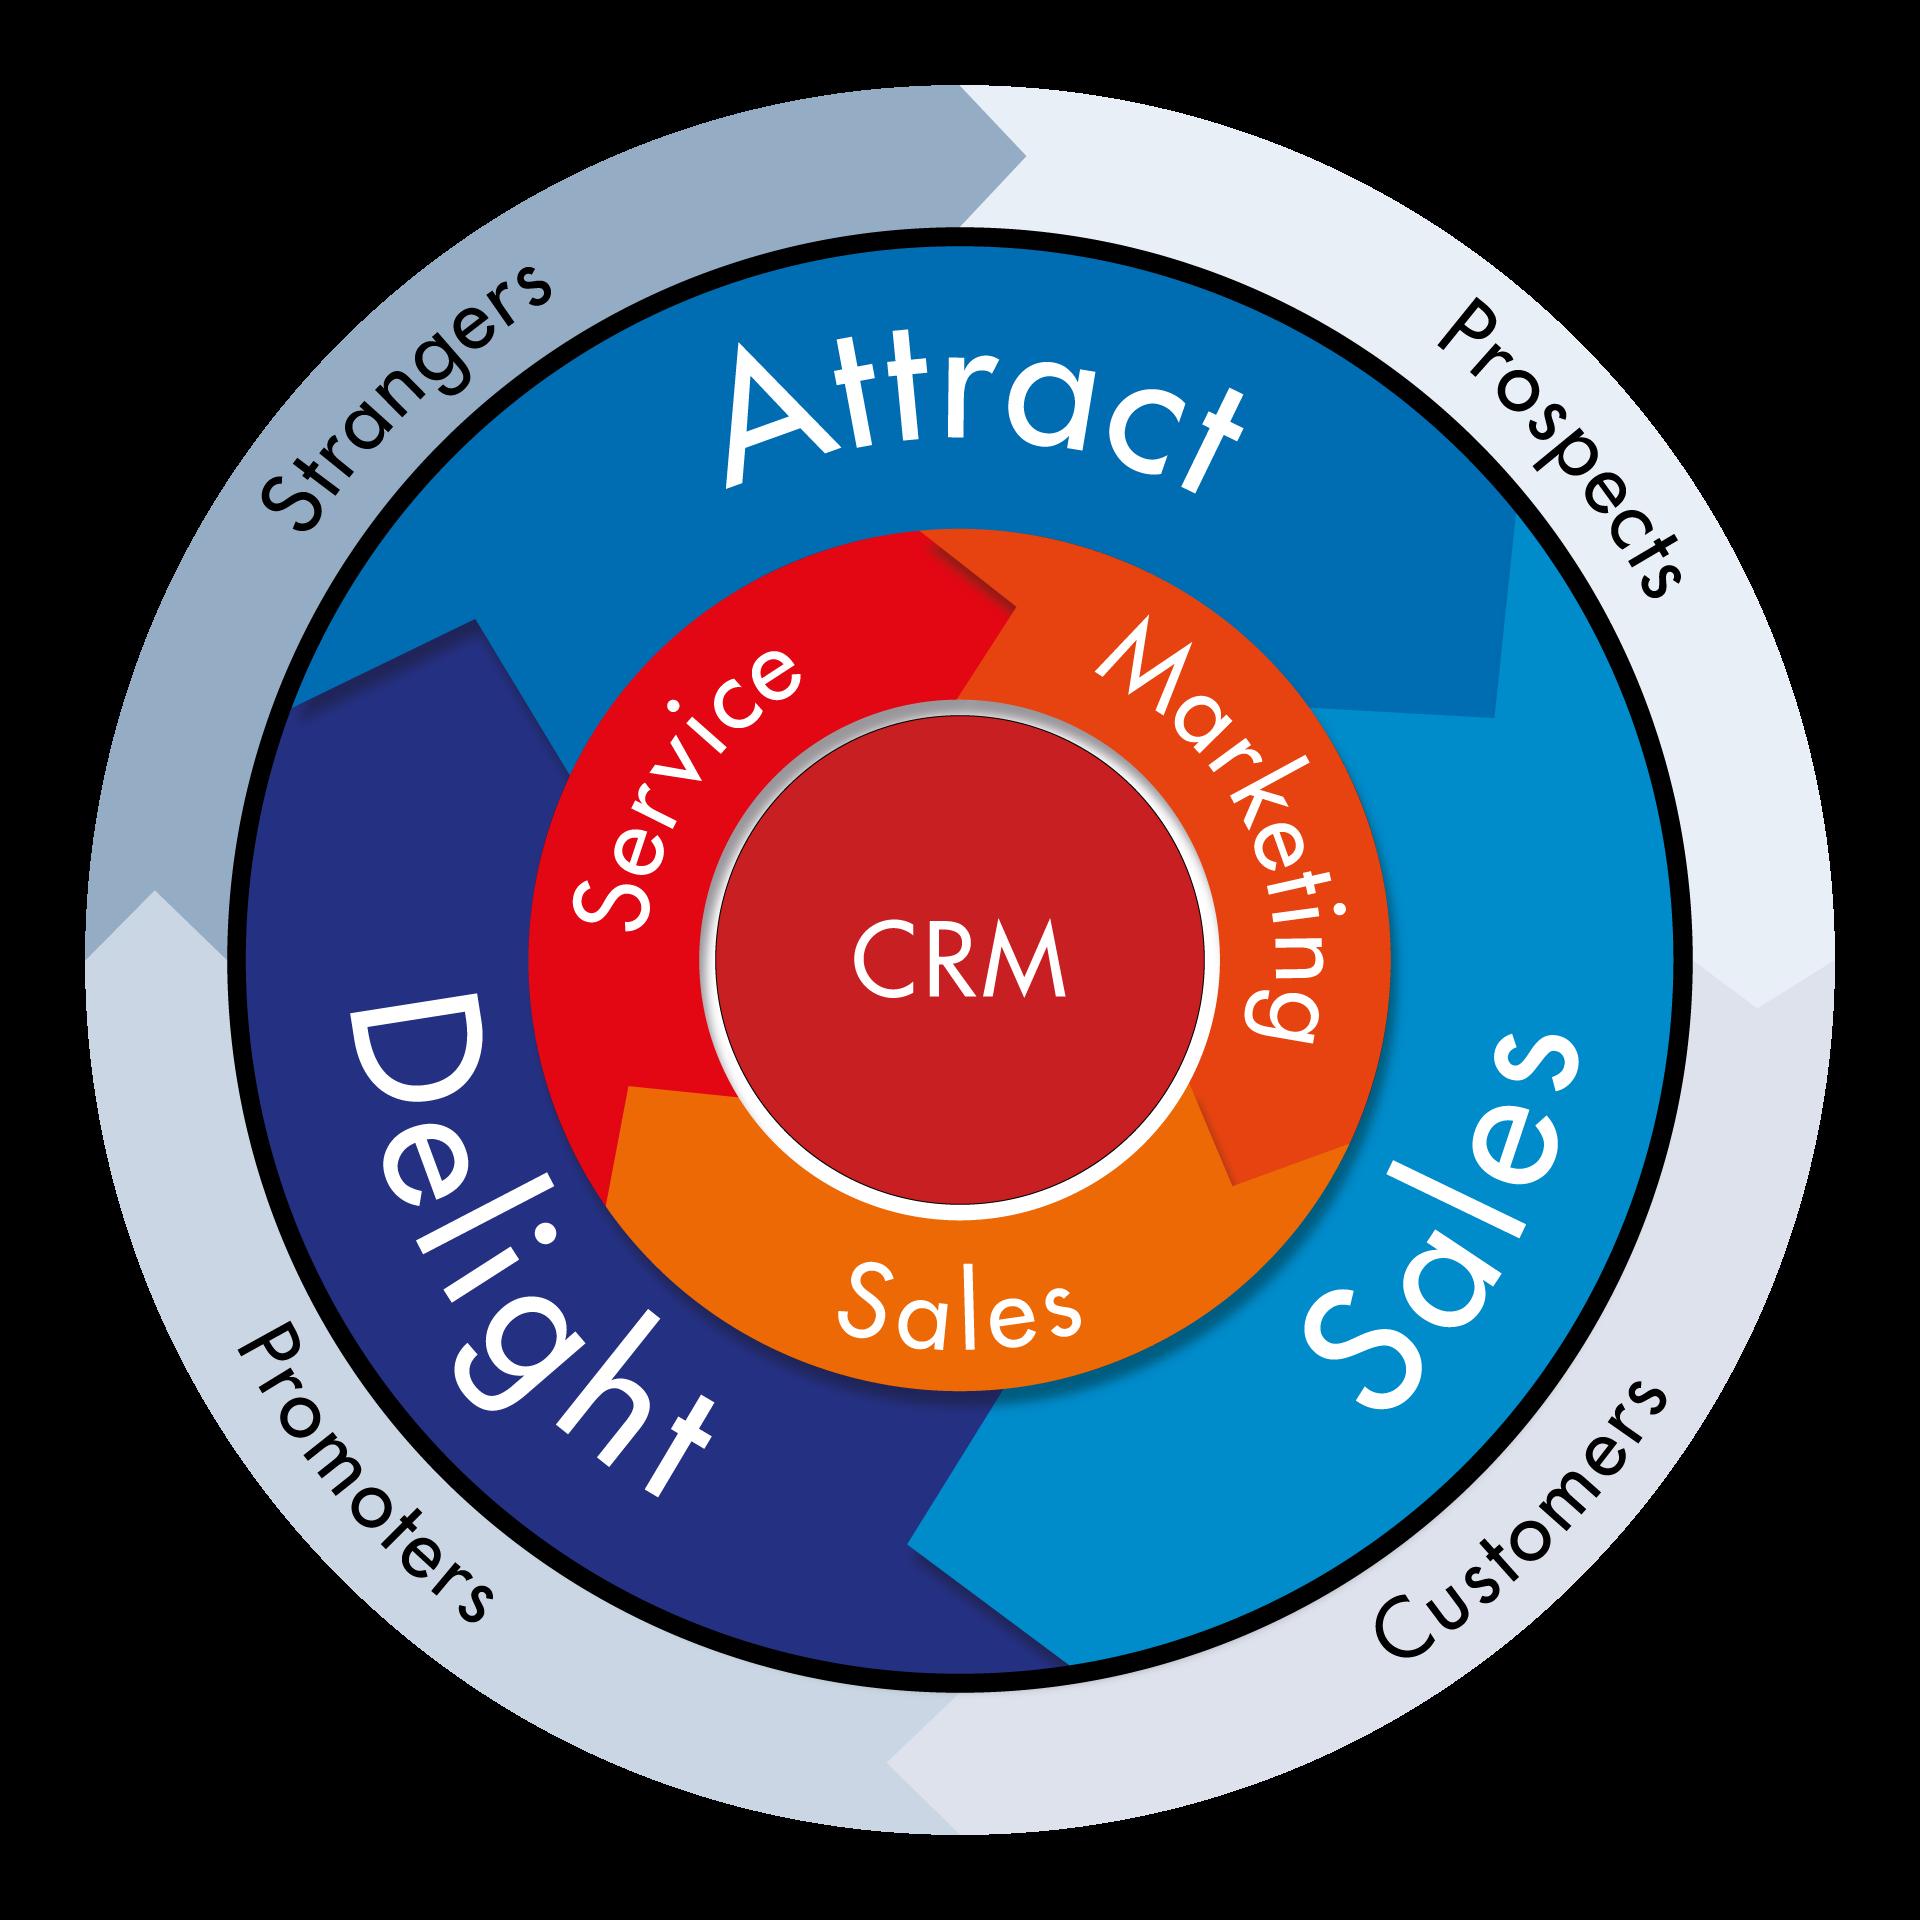 SC-schema-content-marketing